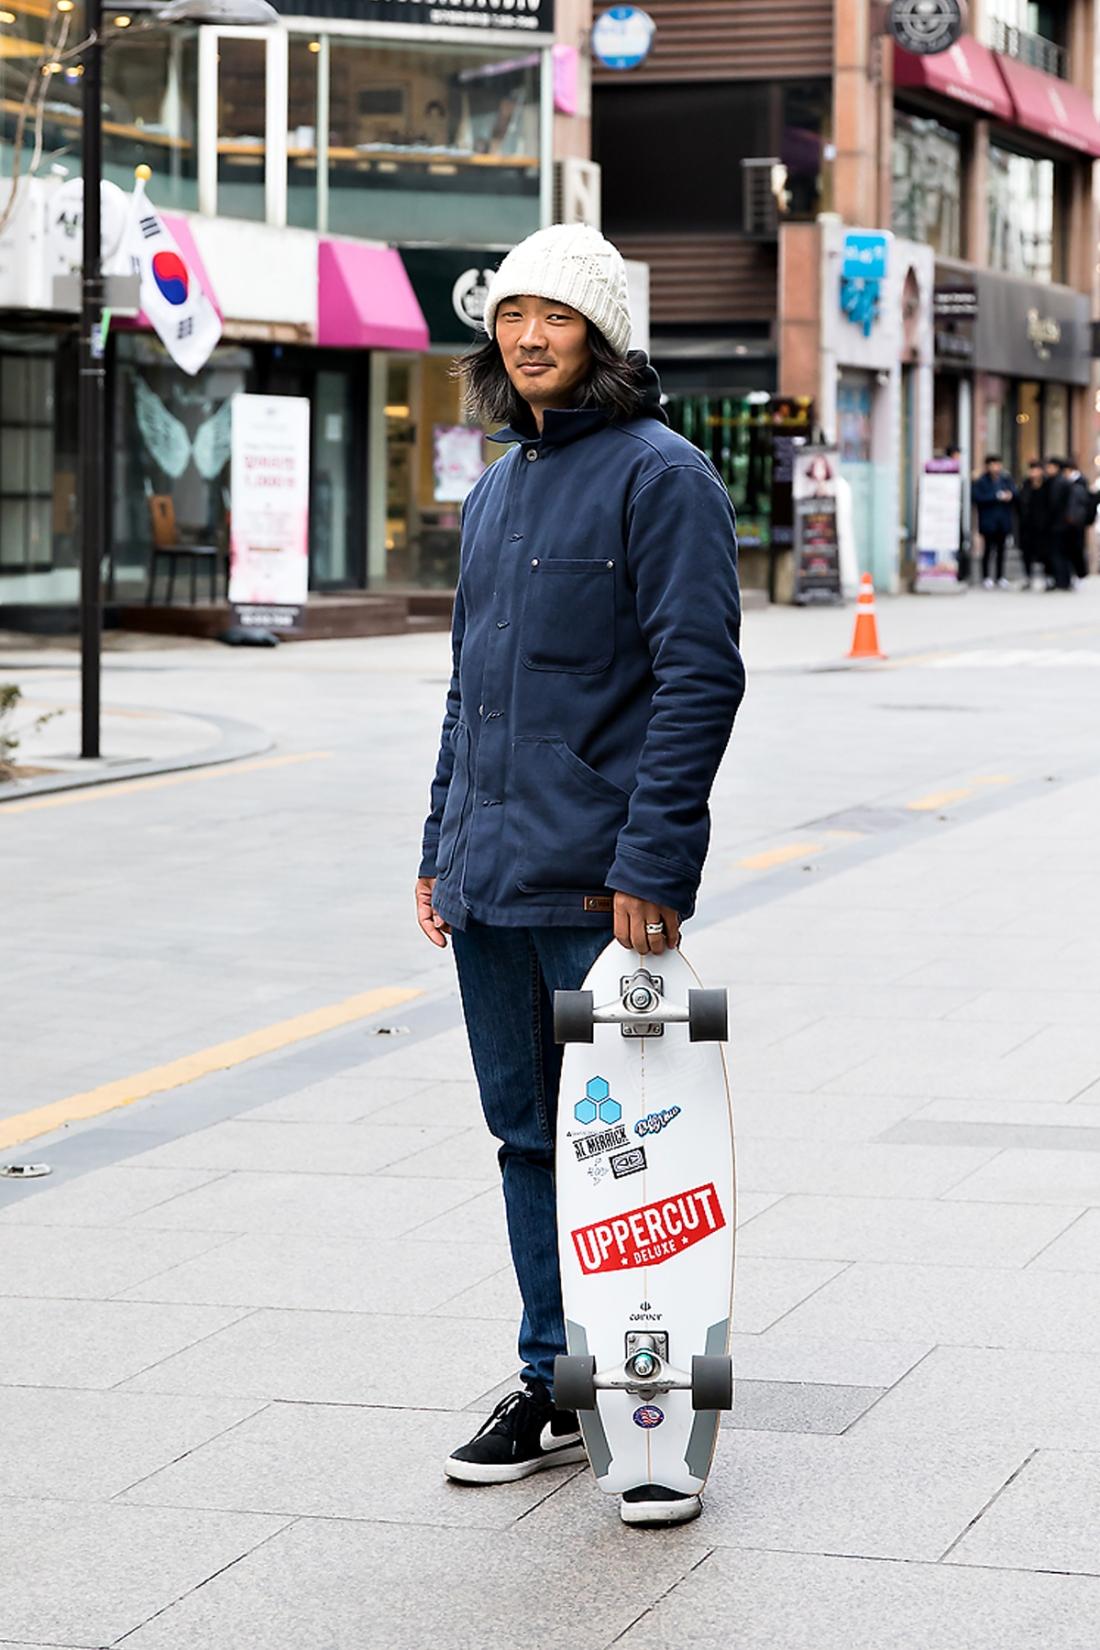 Kim Byungsung, Street Fashion 2017 in SEOUL.jpg